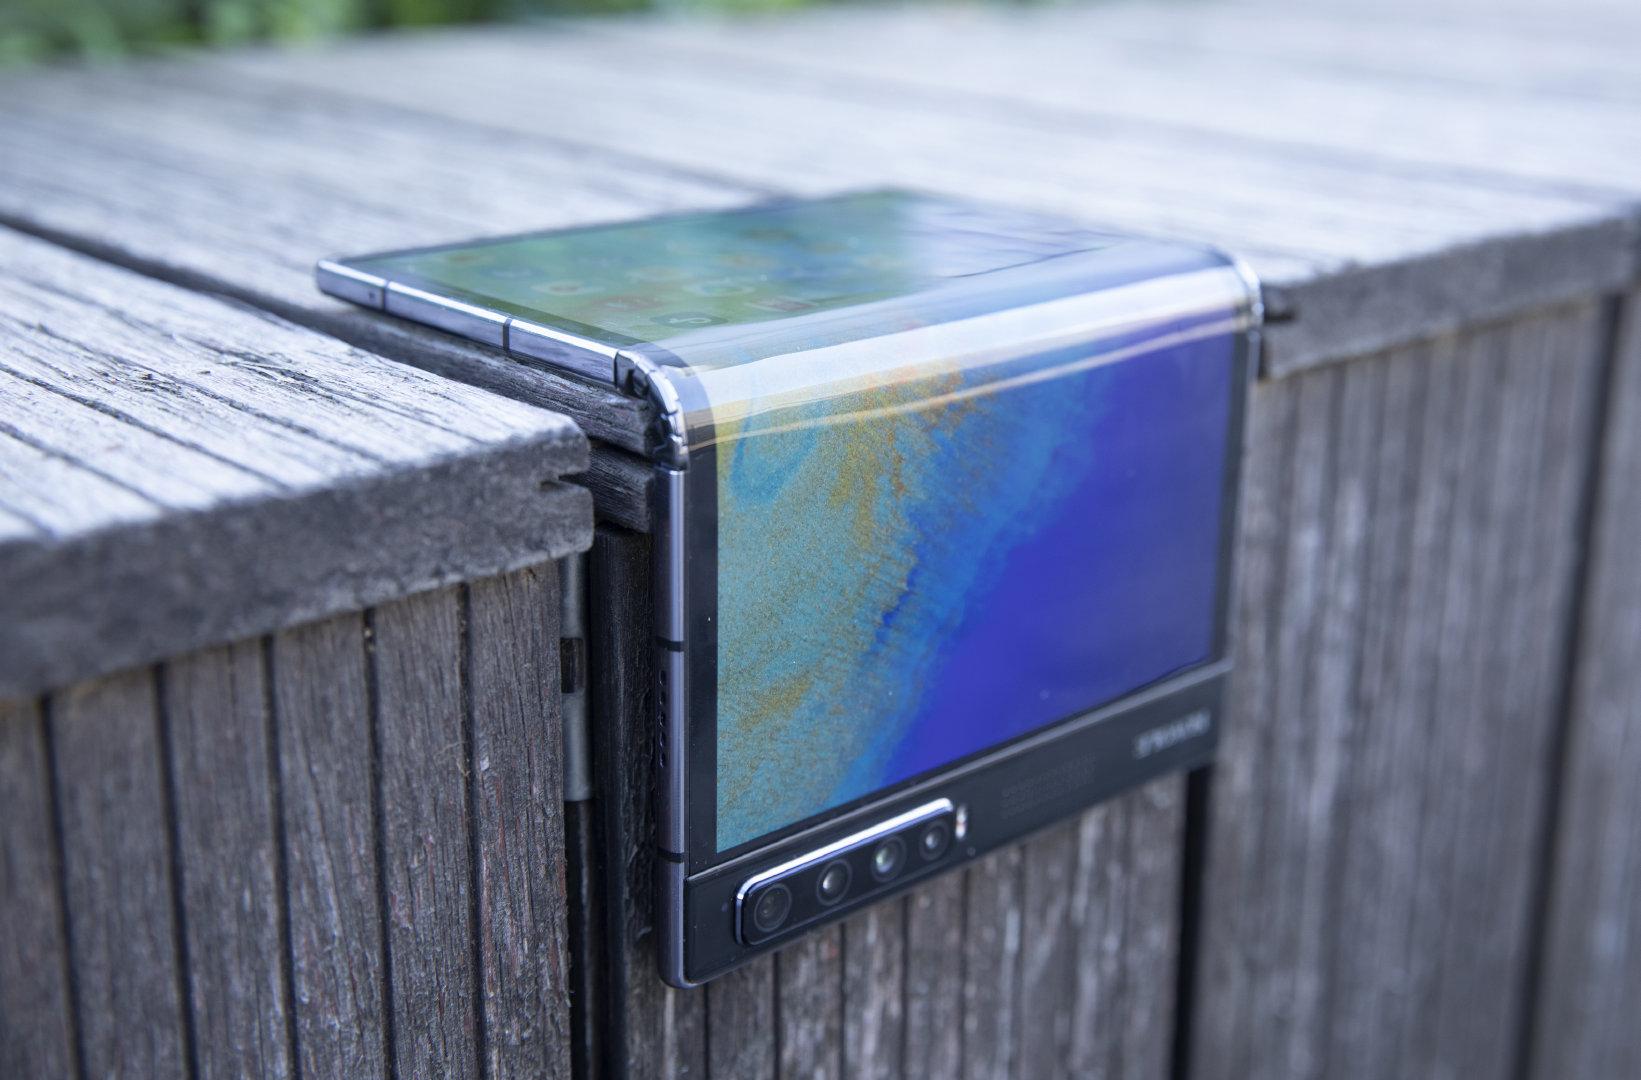 Все хотят гибкие смартфоны. Royole FlexPai 2 раскупили ещё до выхода